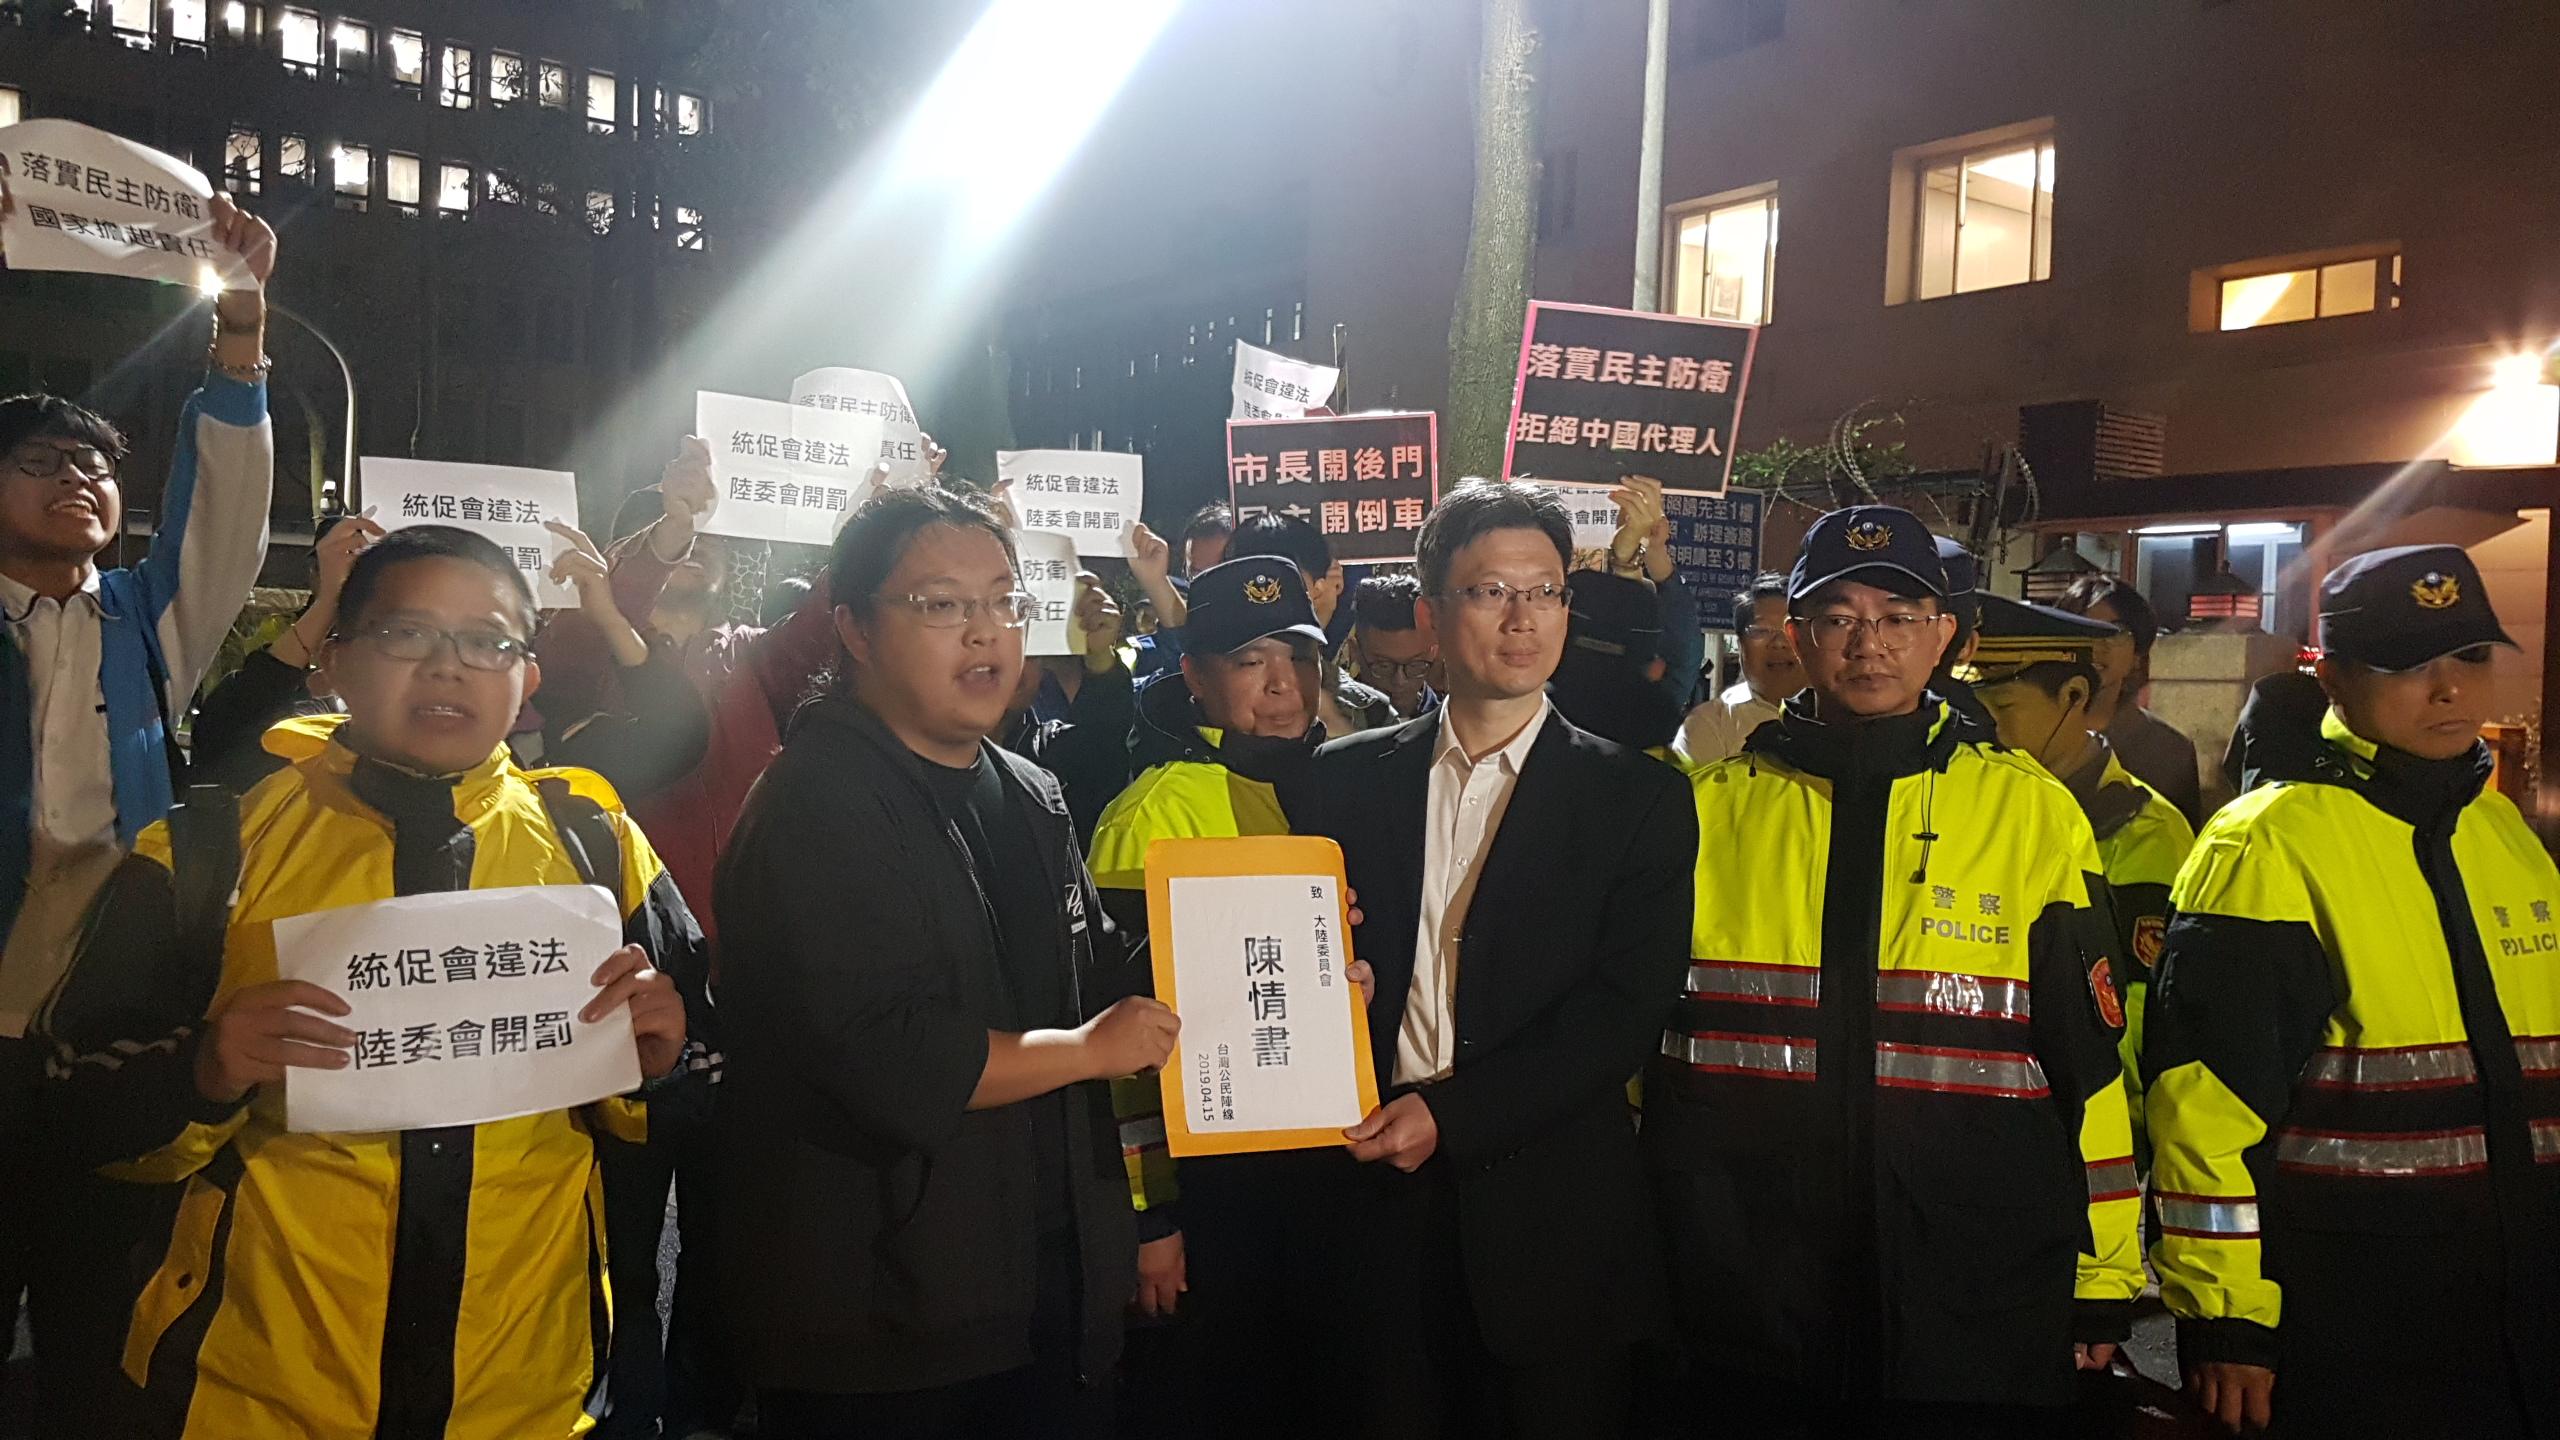 多個團體利用下班時間趕往陸委會,要求陸委會依法針對「中國和平統一促進會」開罰。圖為民團代表將陳情書交由陸委會代表。(吳旻洲/大紀元)